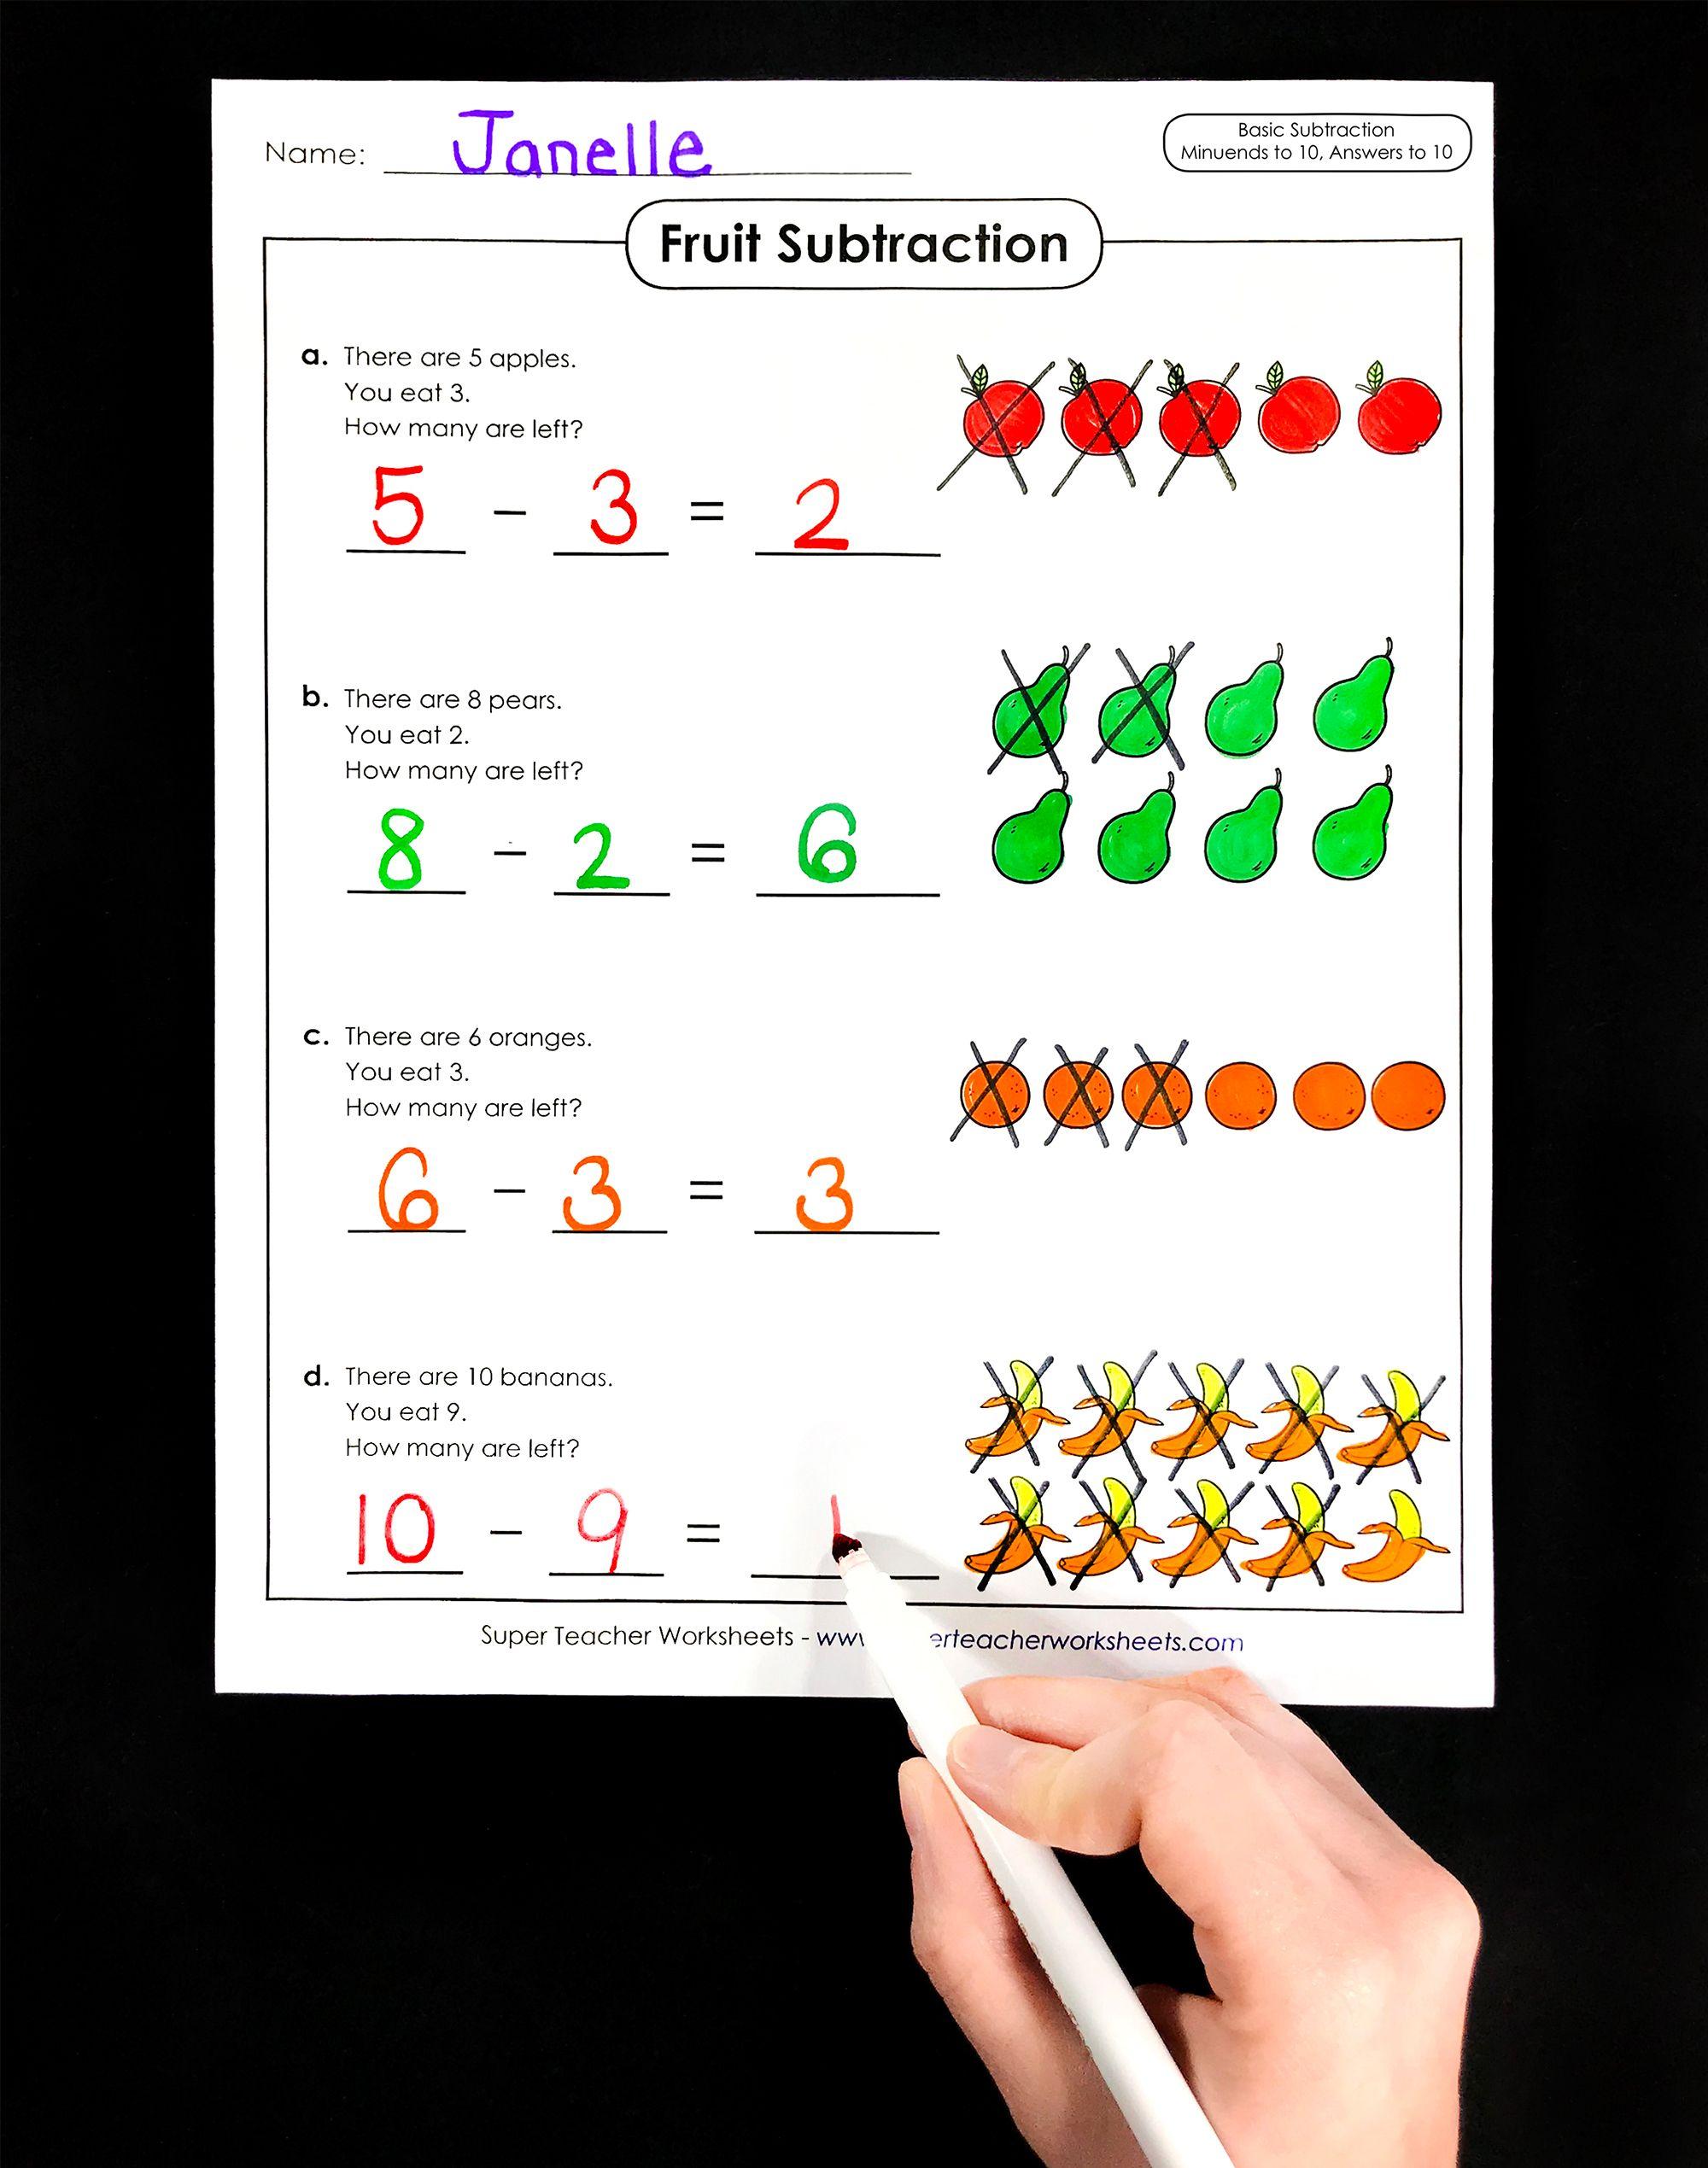 Visit The Superteacherworksheets Subtraction Activities